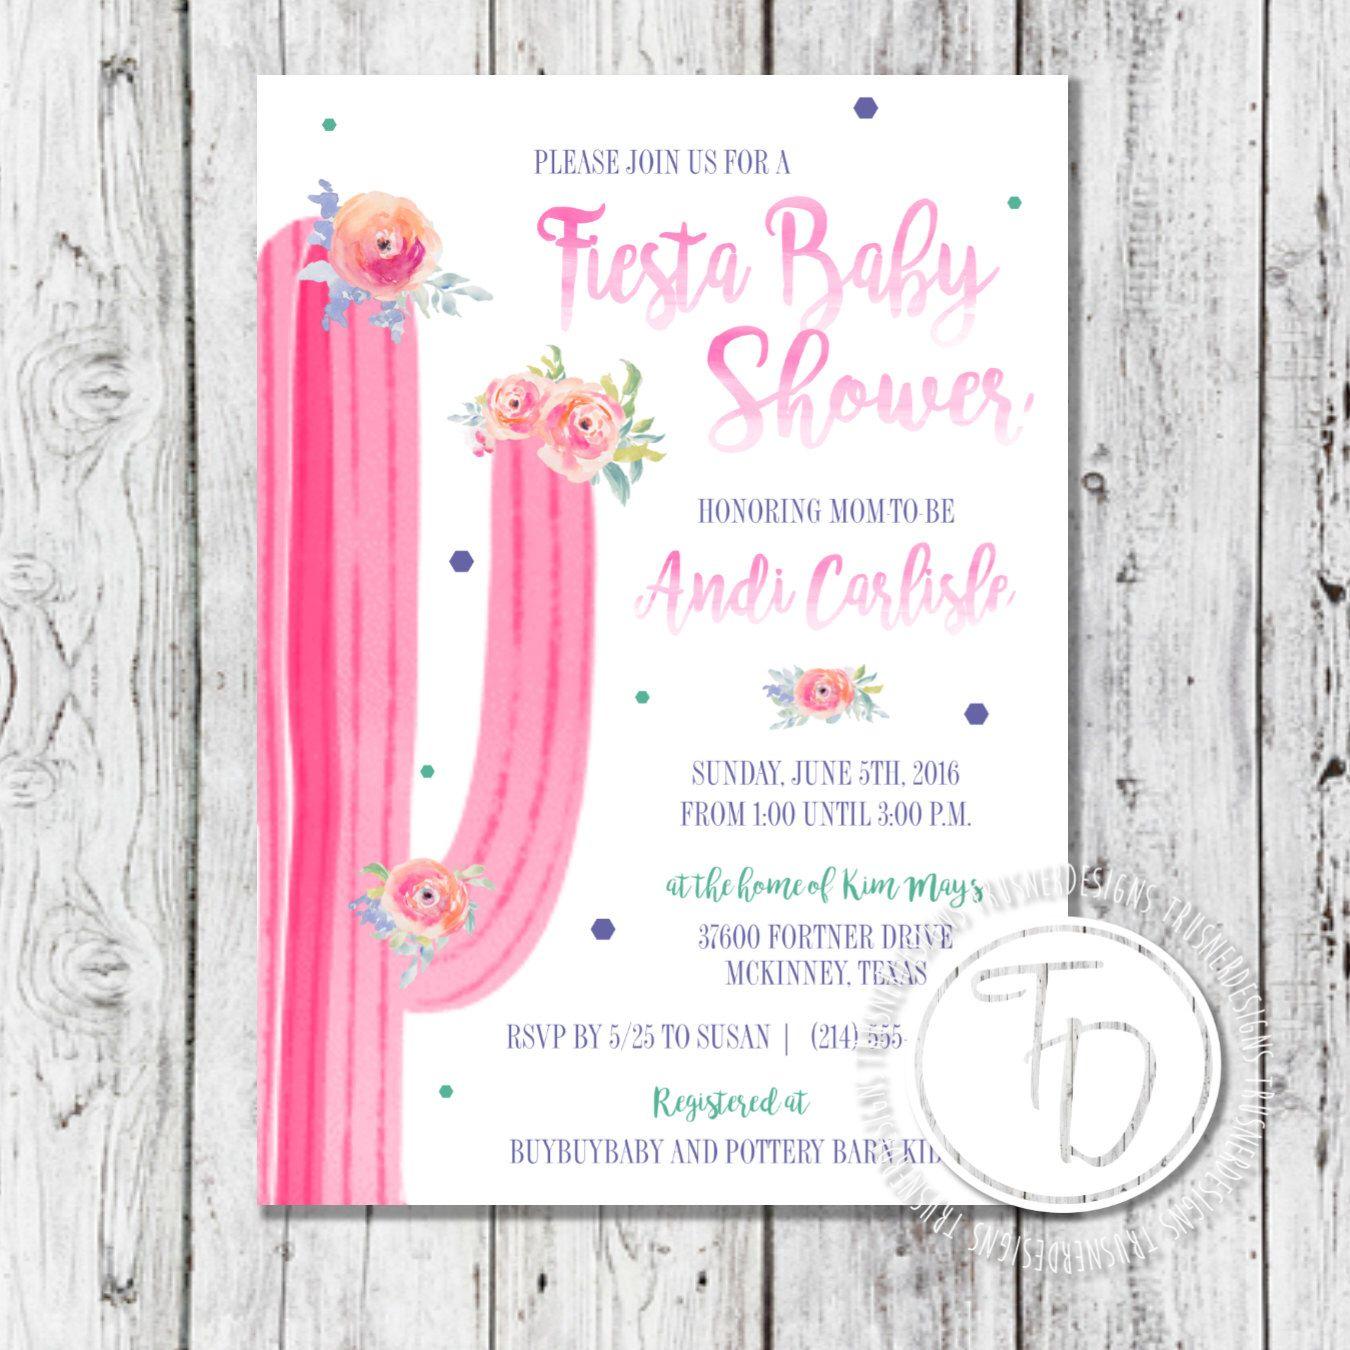 Bohemian Baby Shower Invite Cactus Baby Shower Invite Fiesta